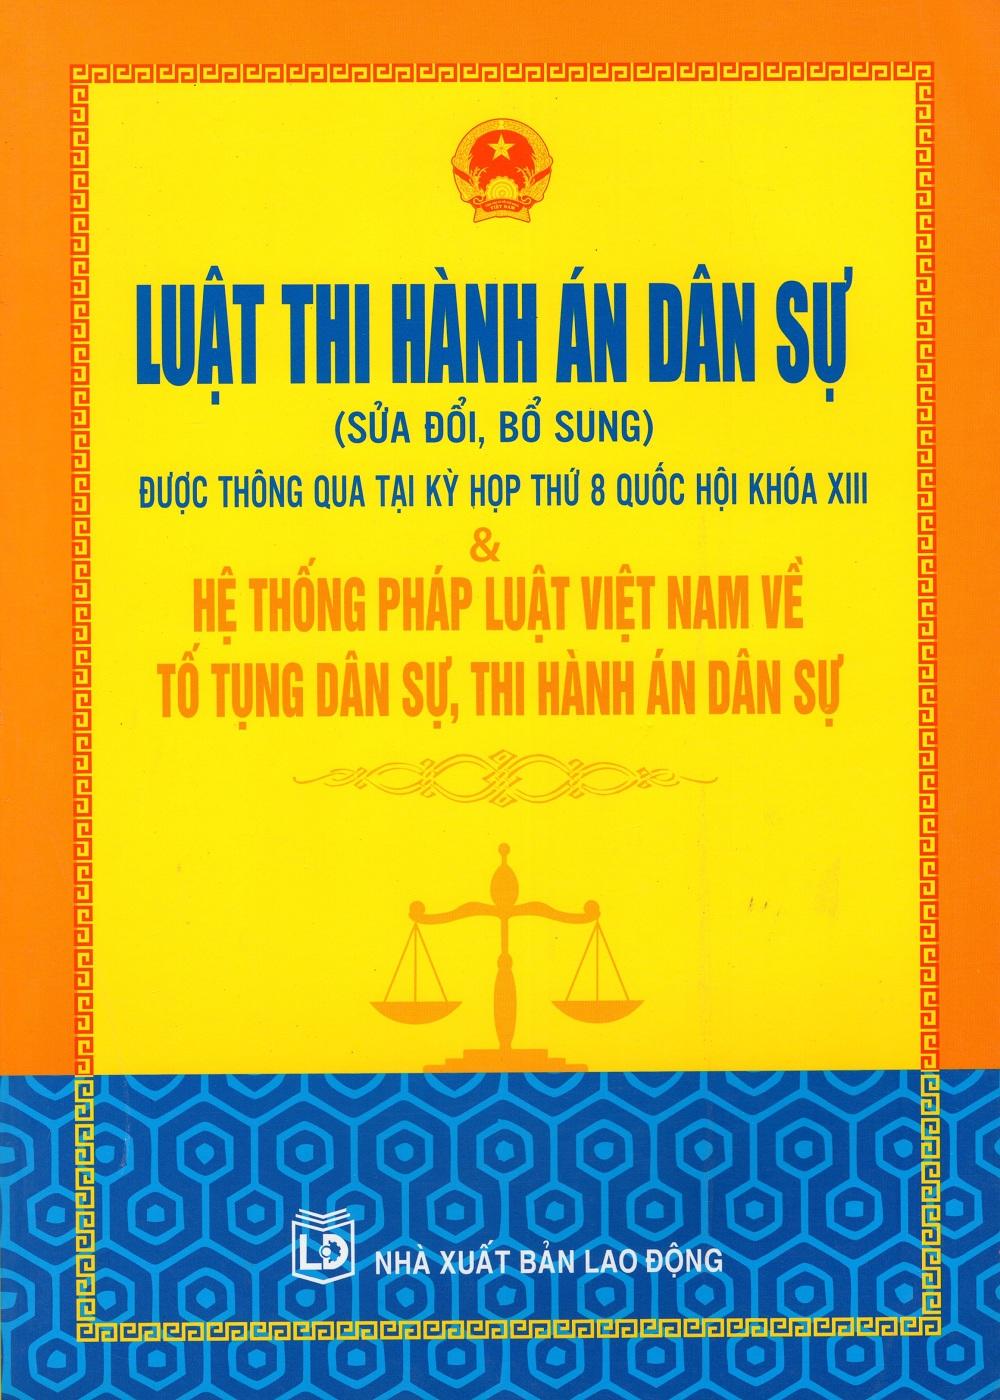 Bìa sách Luật Thi Hành Án Dân Sự (Sửa Đổi Bổ Sung)  Hệ Thống Pháp Luật Việt Nam Về Tố Tụng Dân Sự, Thi Hành Án Dân...